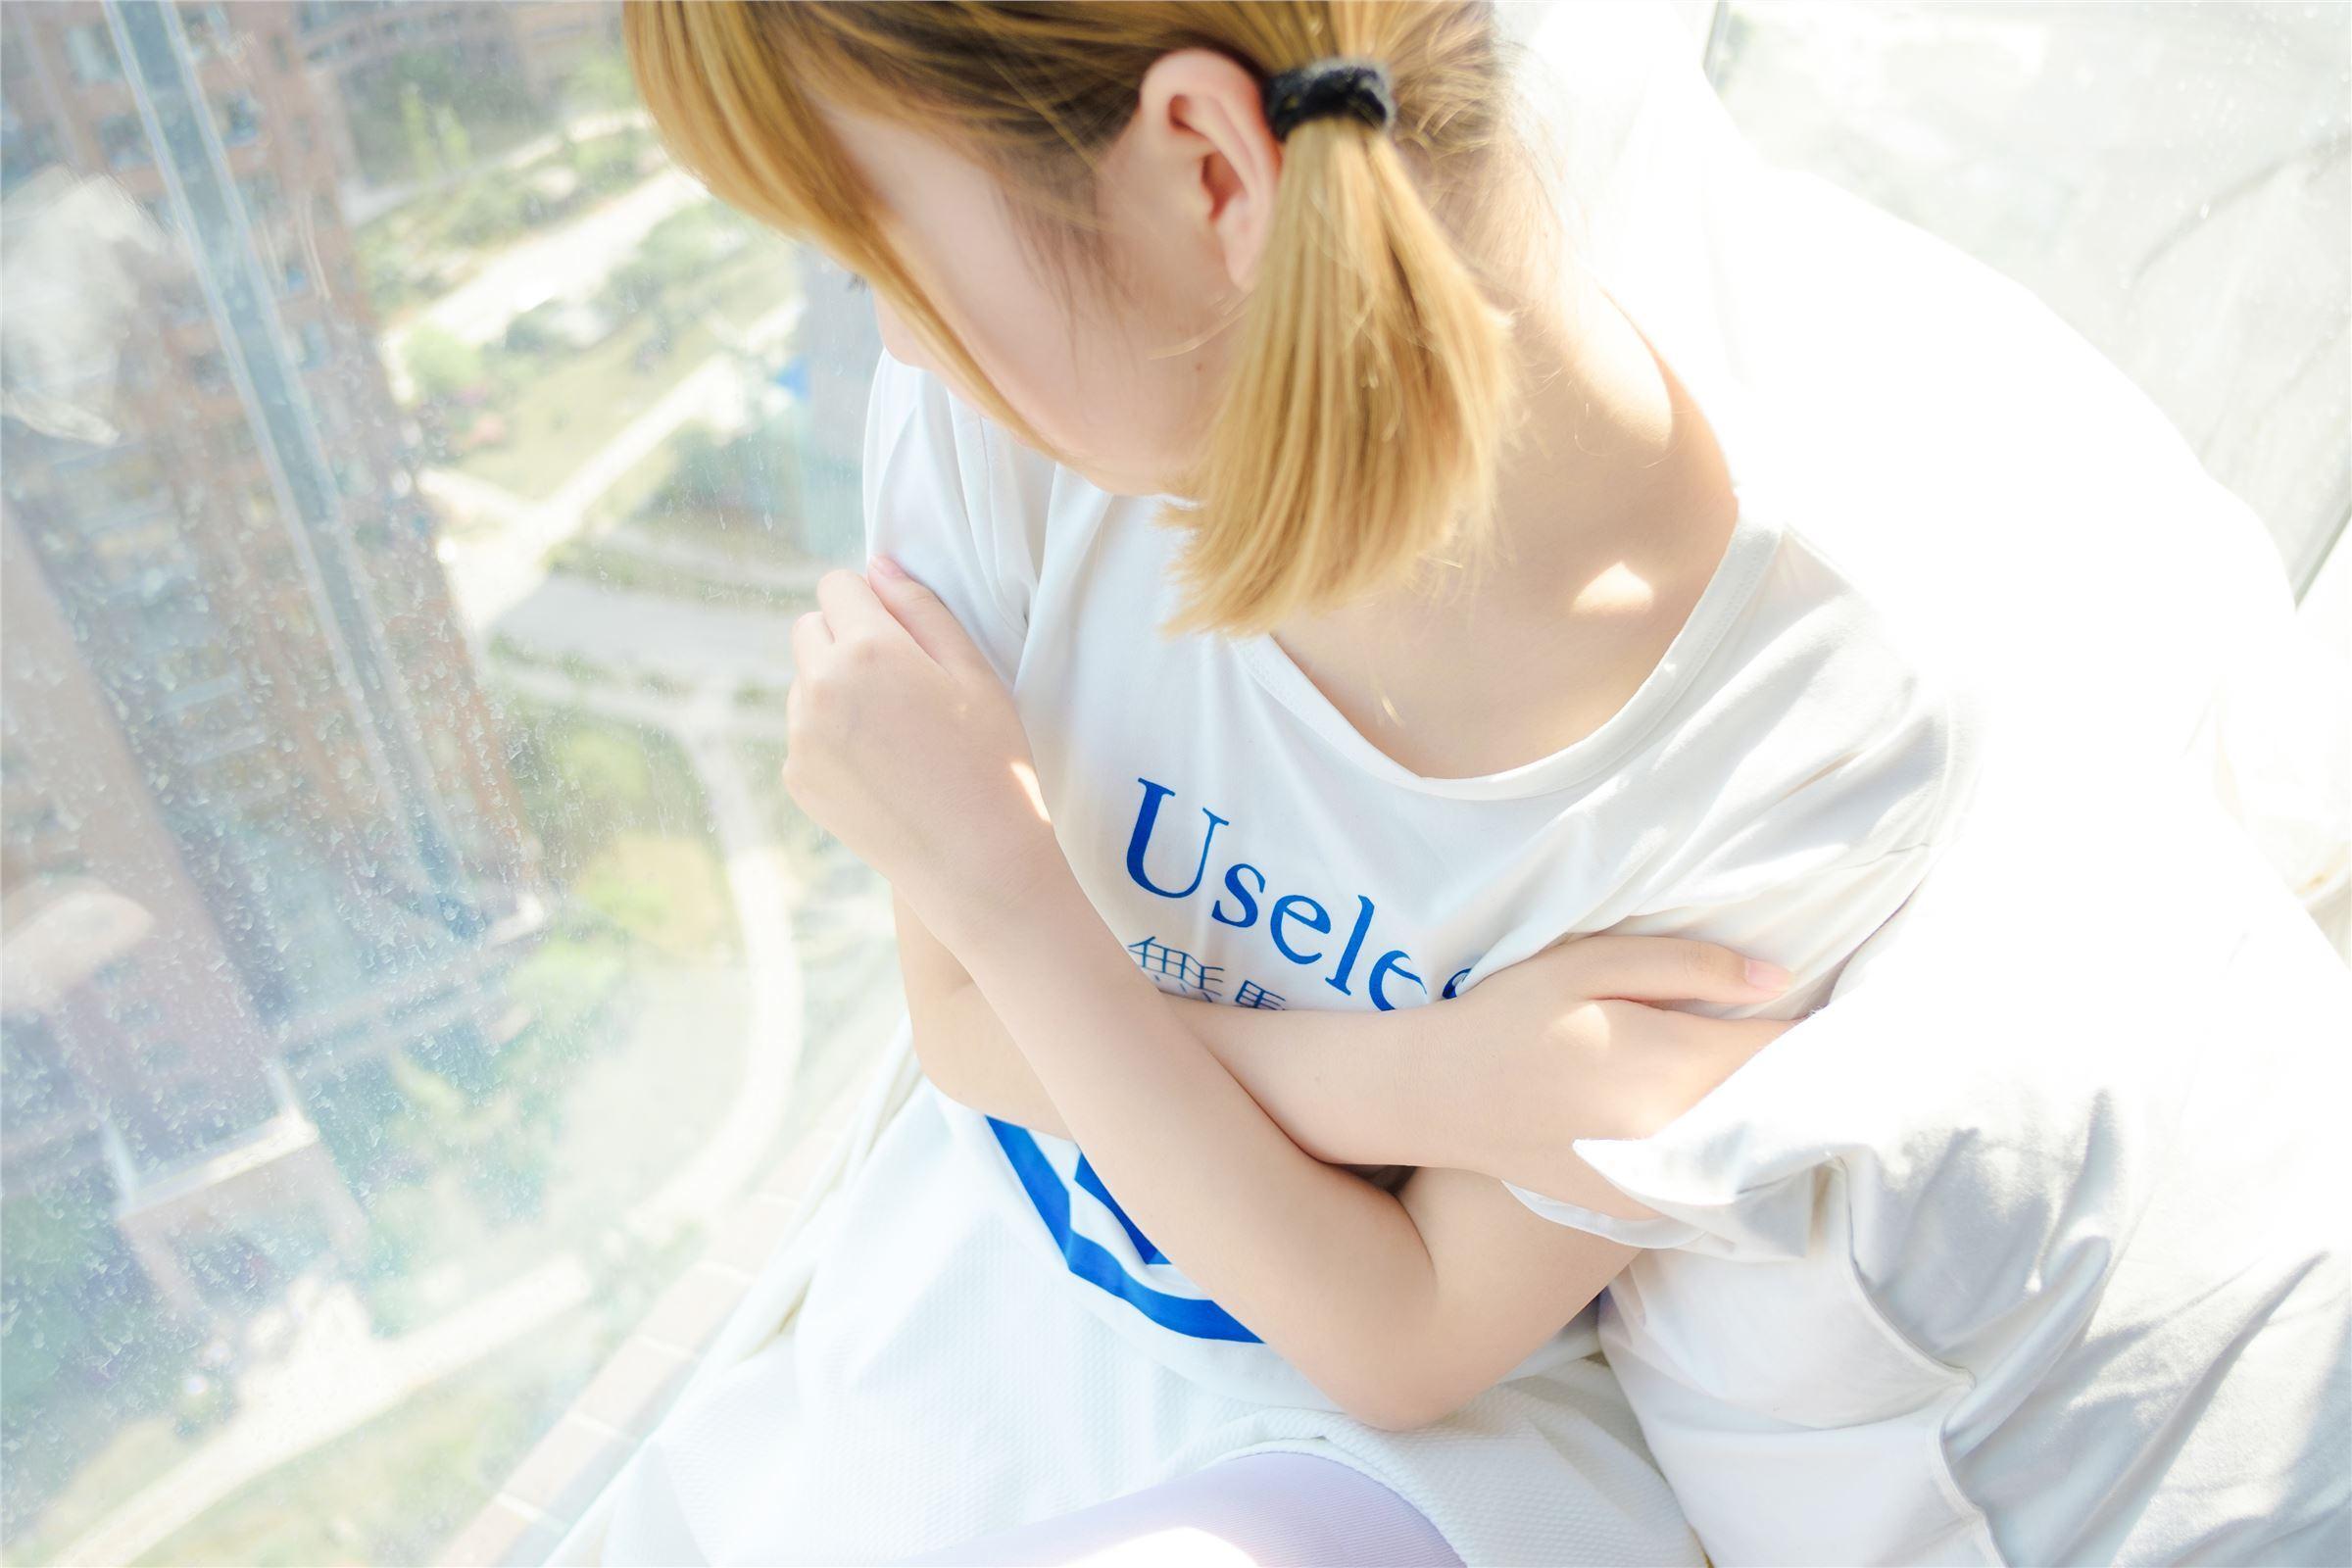 森萝财团 萝莉丝足写真 R15-004 纯白之恋